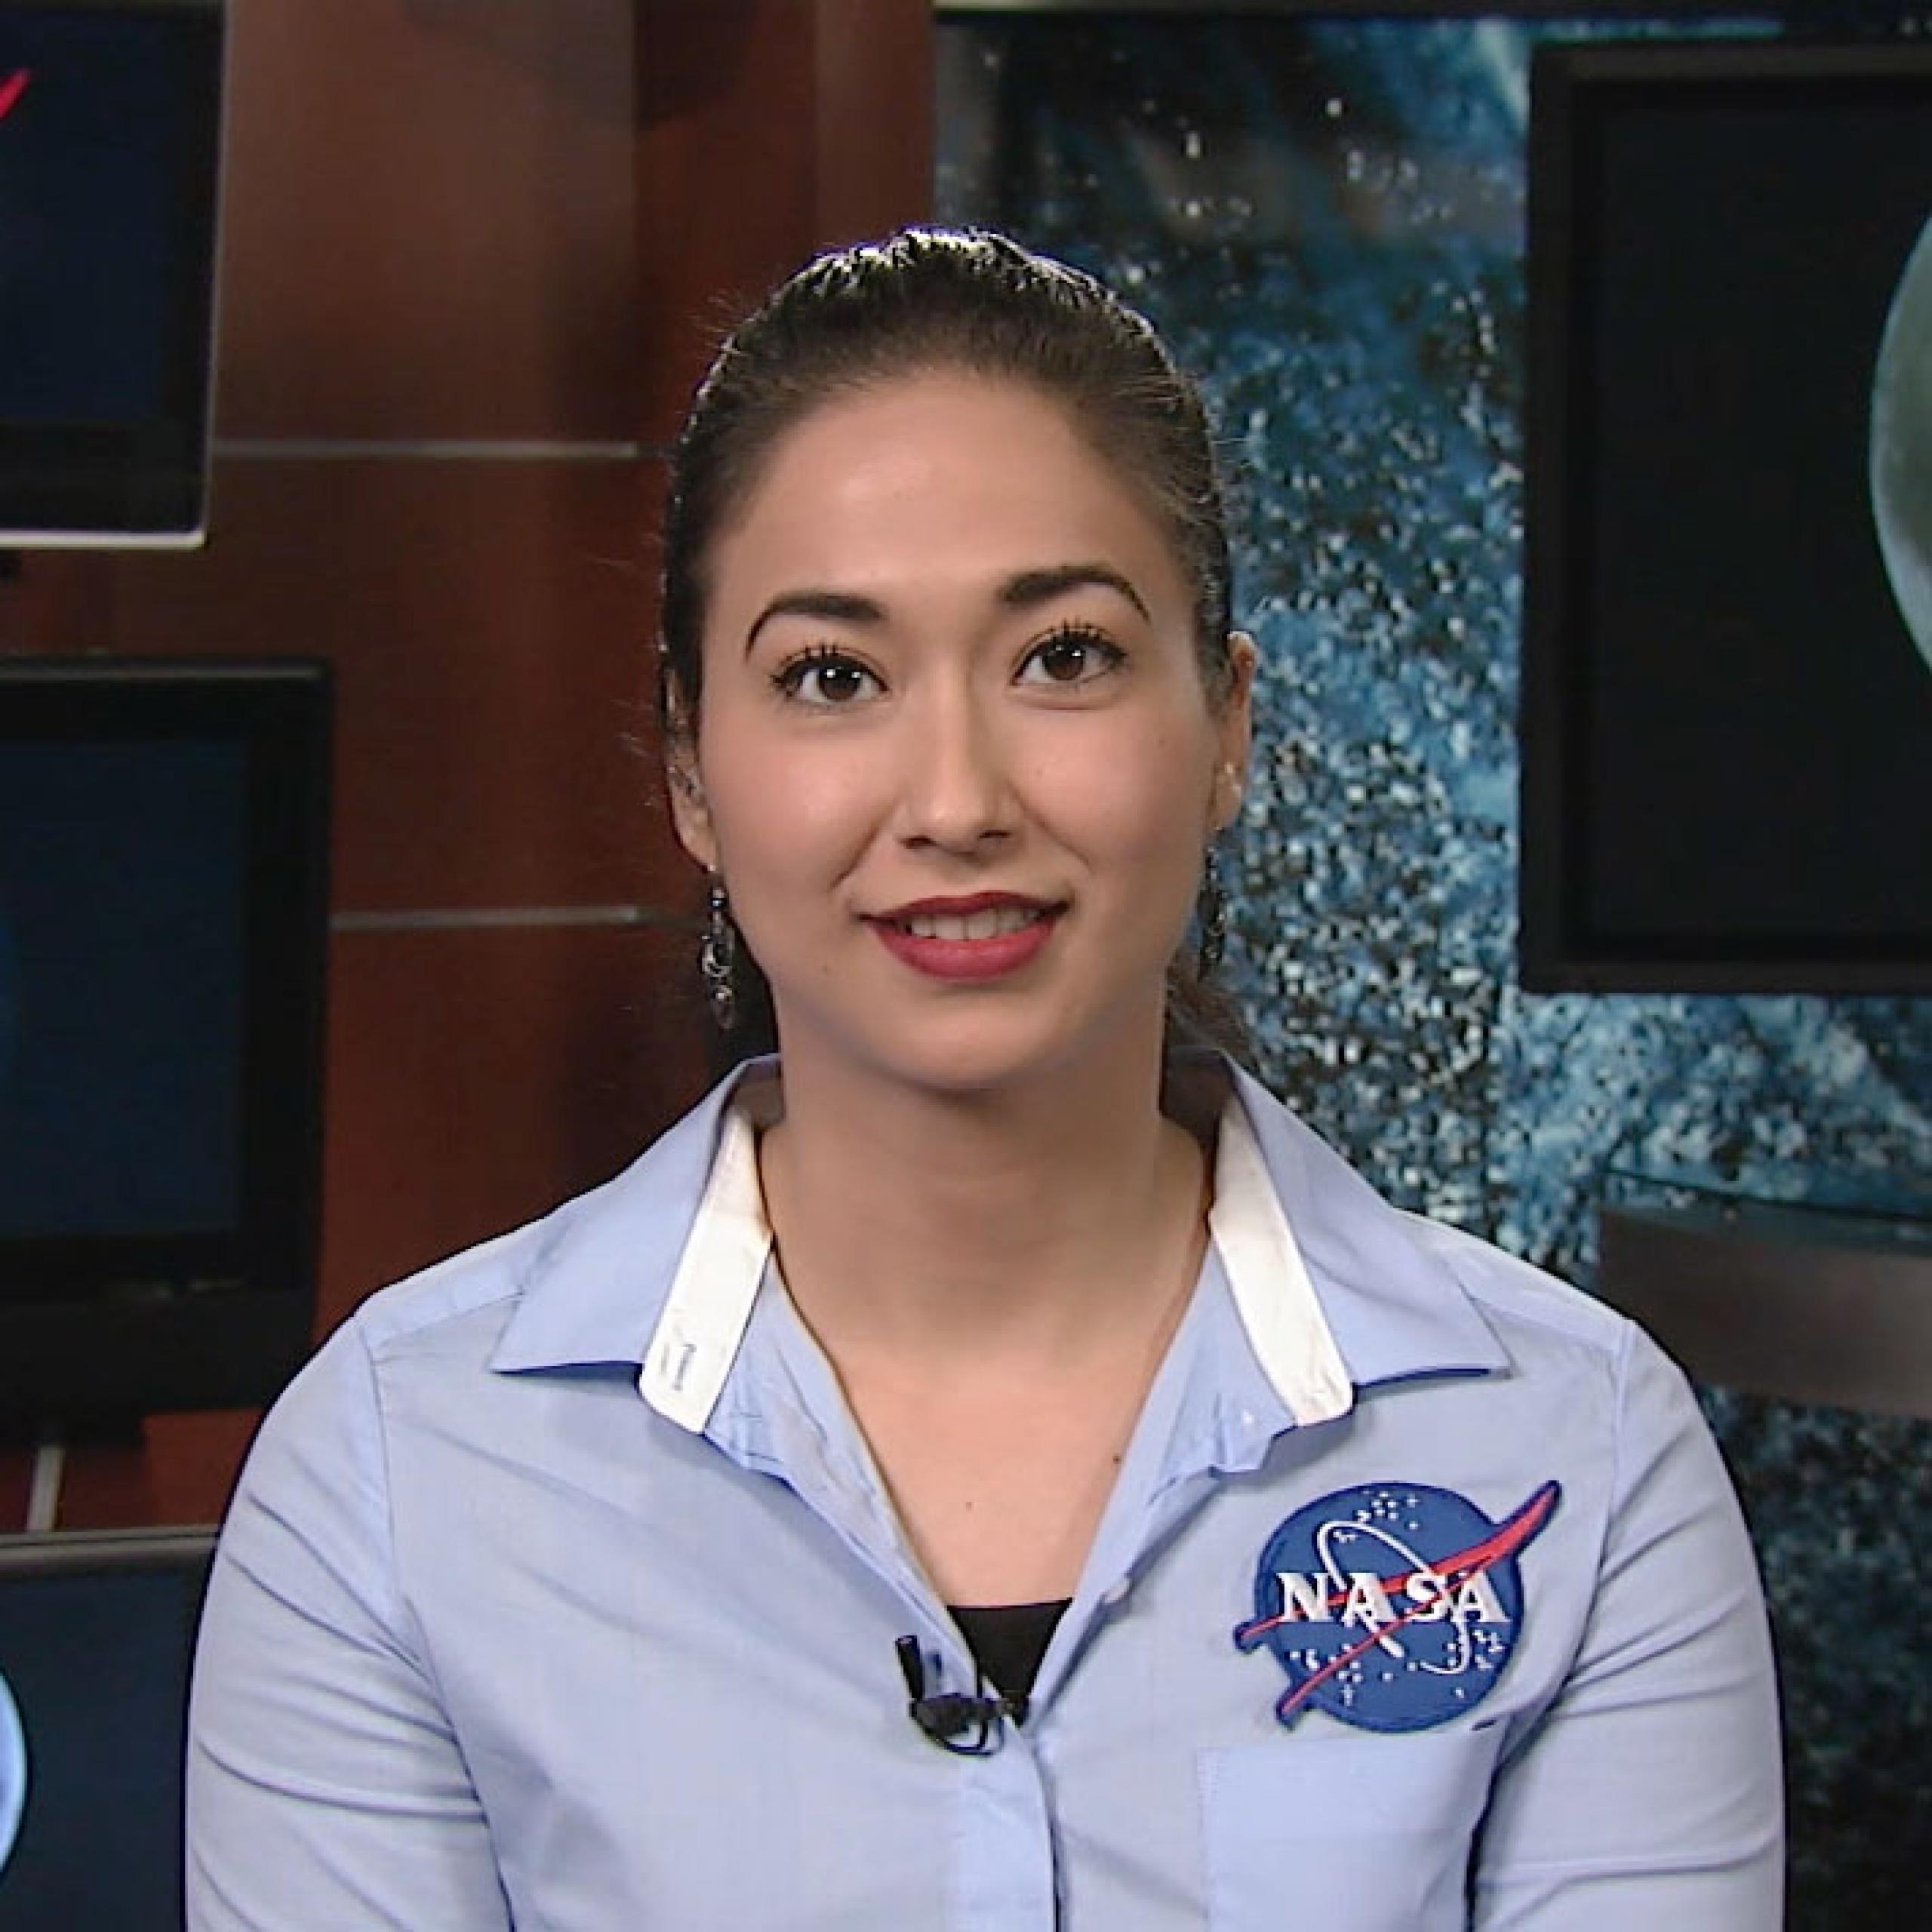 Retrato de Nayi Castro, gerente de operaciones de la misión OSIRIS-REx